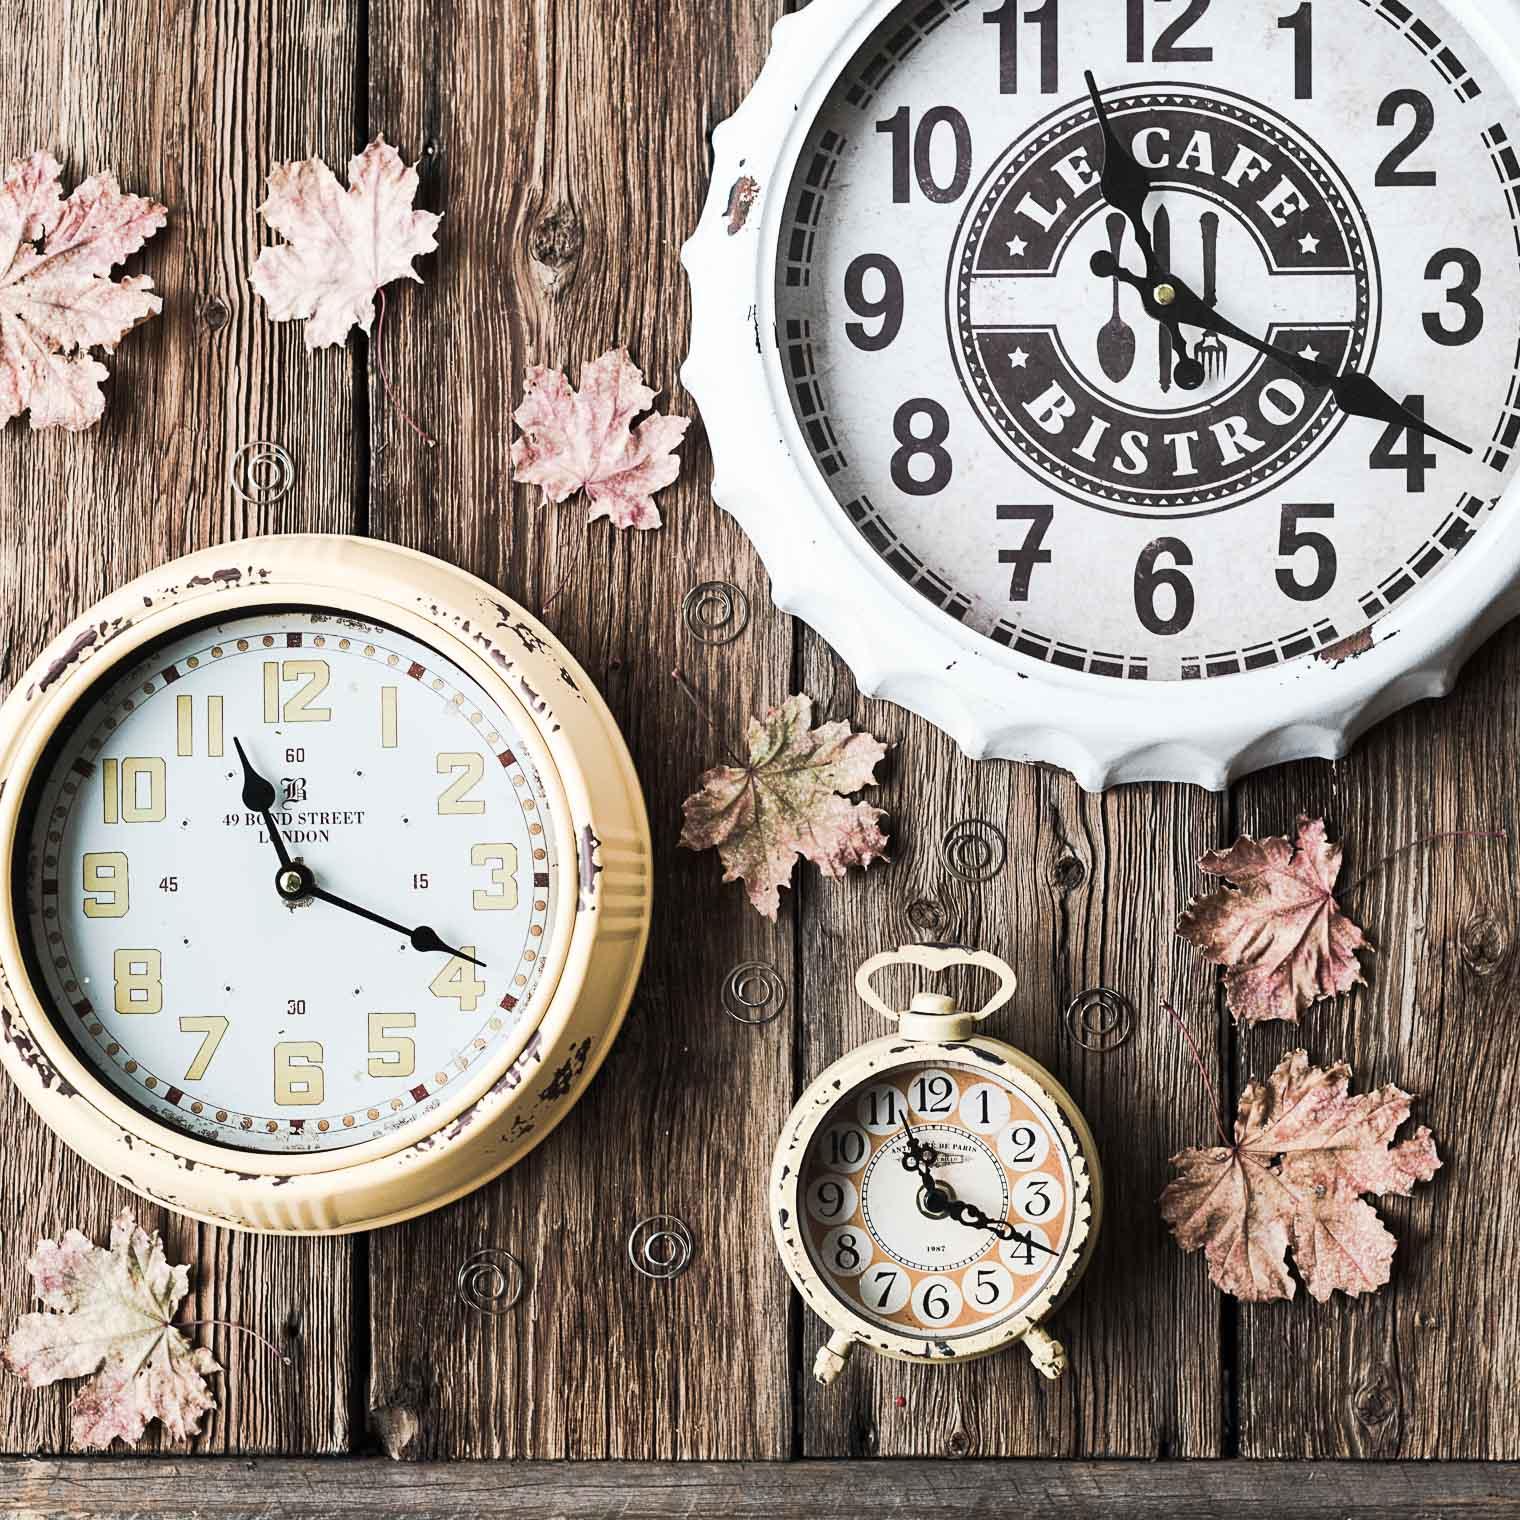 clocksx3